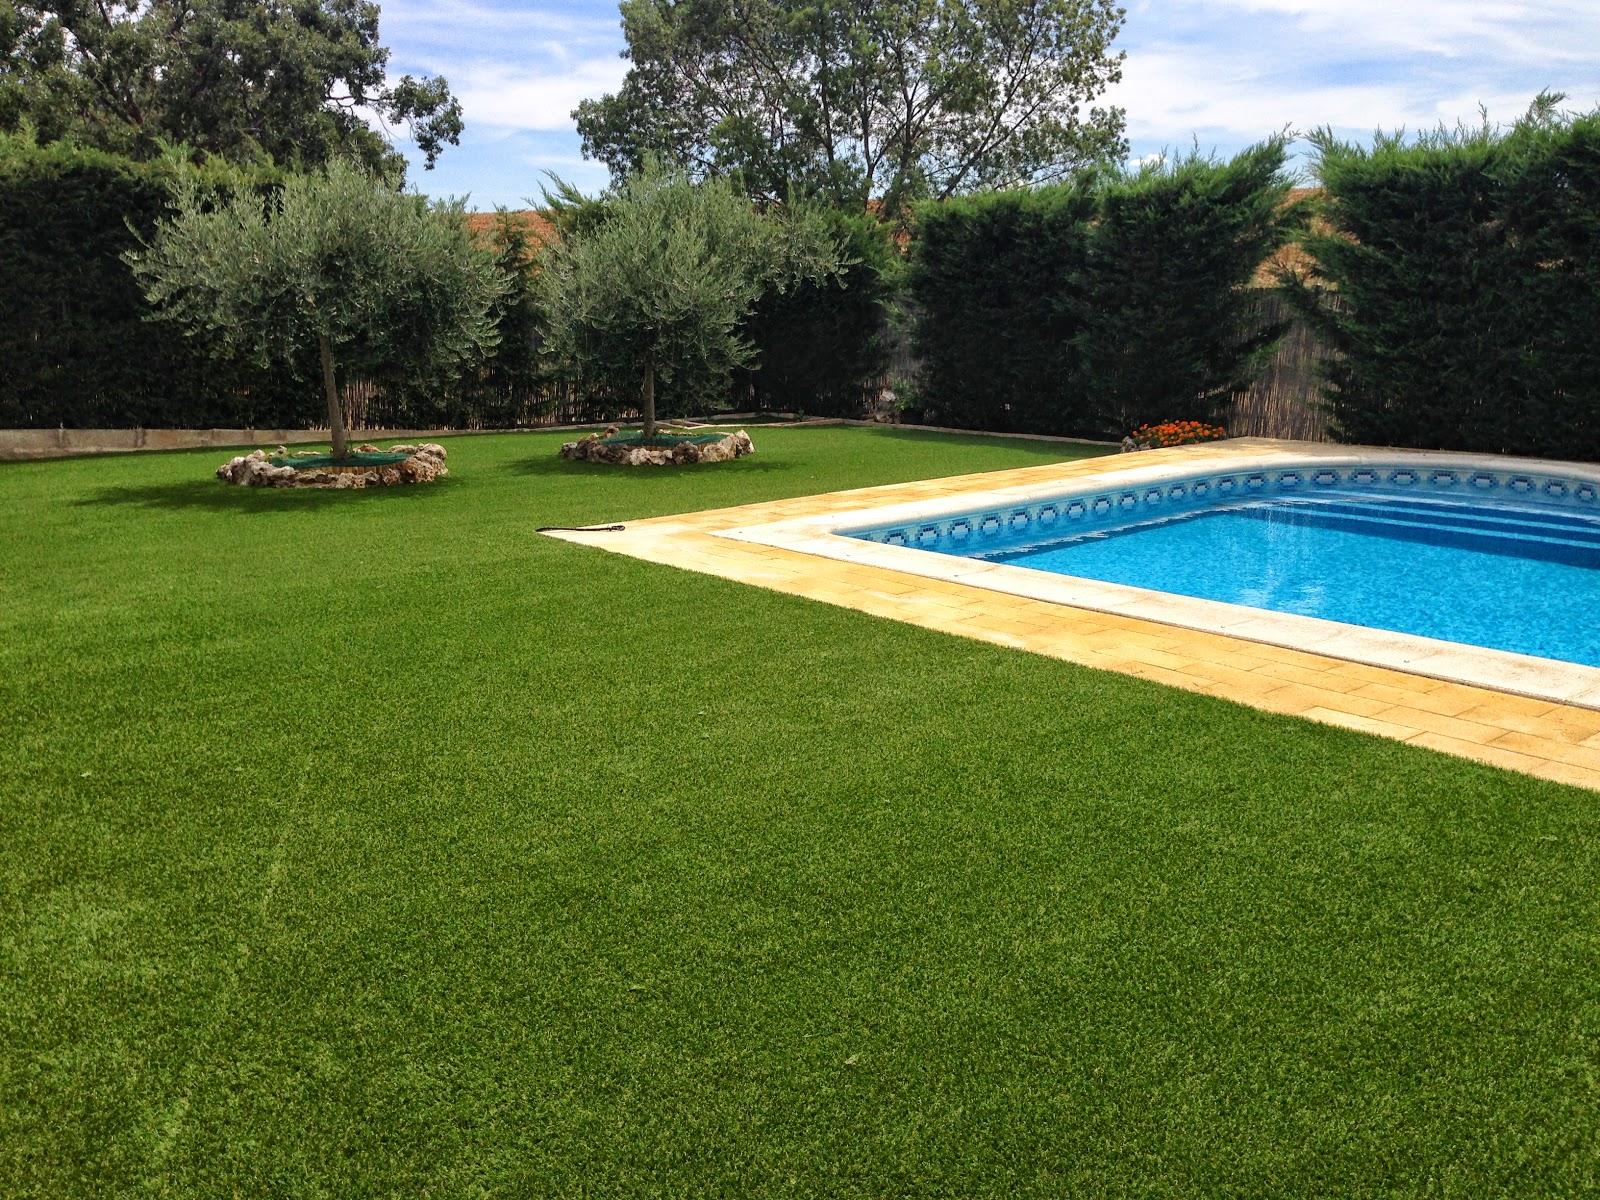 hierba artificial alrededor de piscina